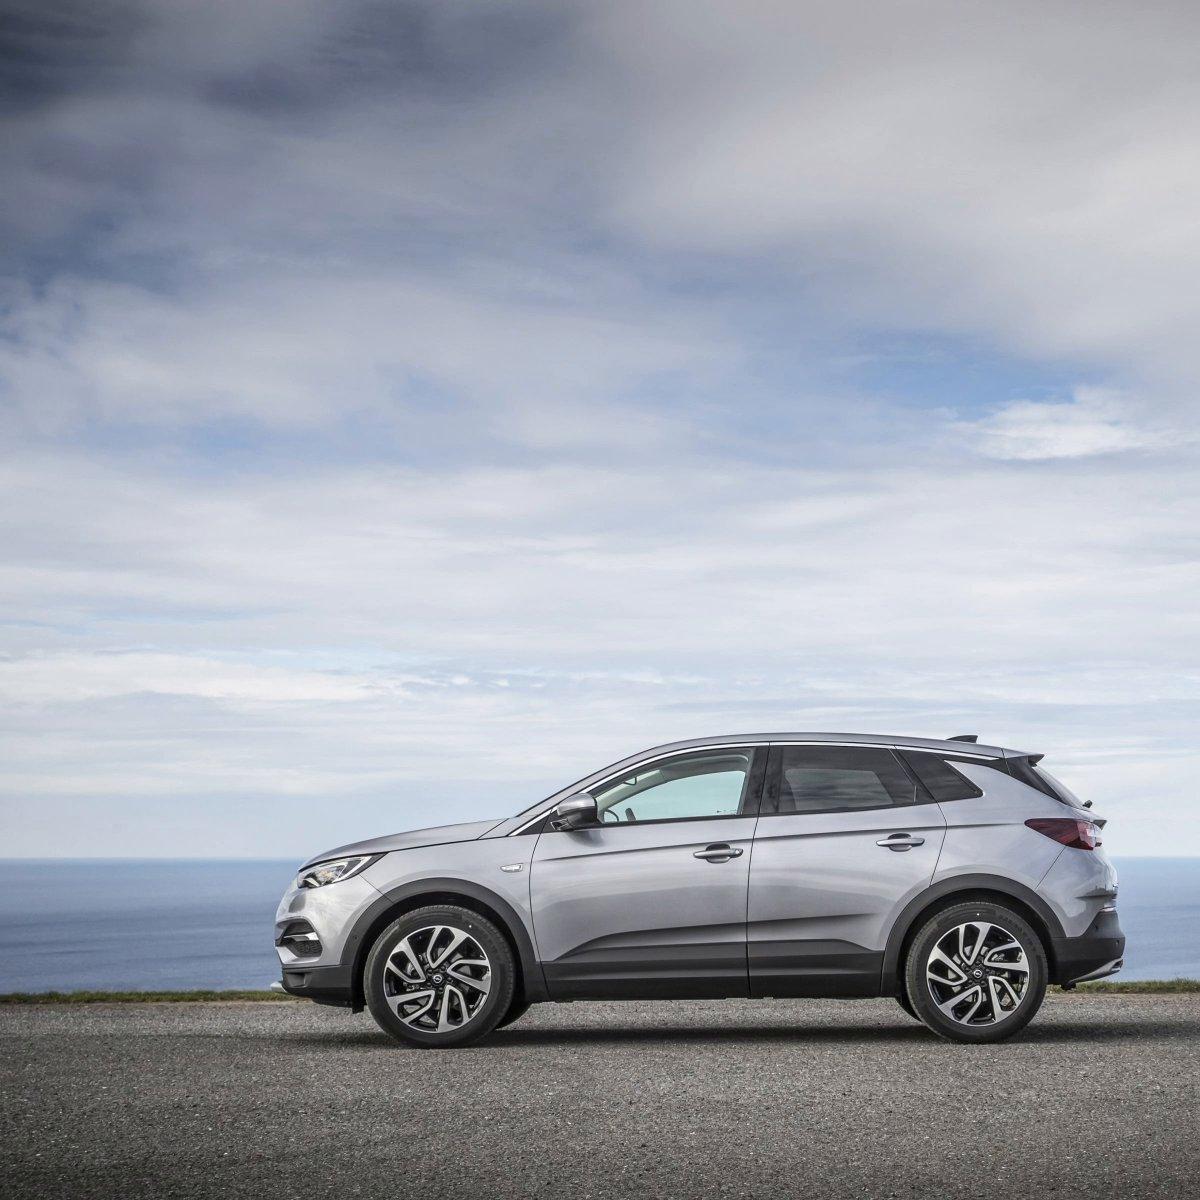 Wo würdest du dich und deinen Opel jetzt gerne hinbeamen? 🛸 Mehr Infos zum Grandland X: s.opel.com/e9ge8